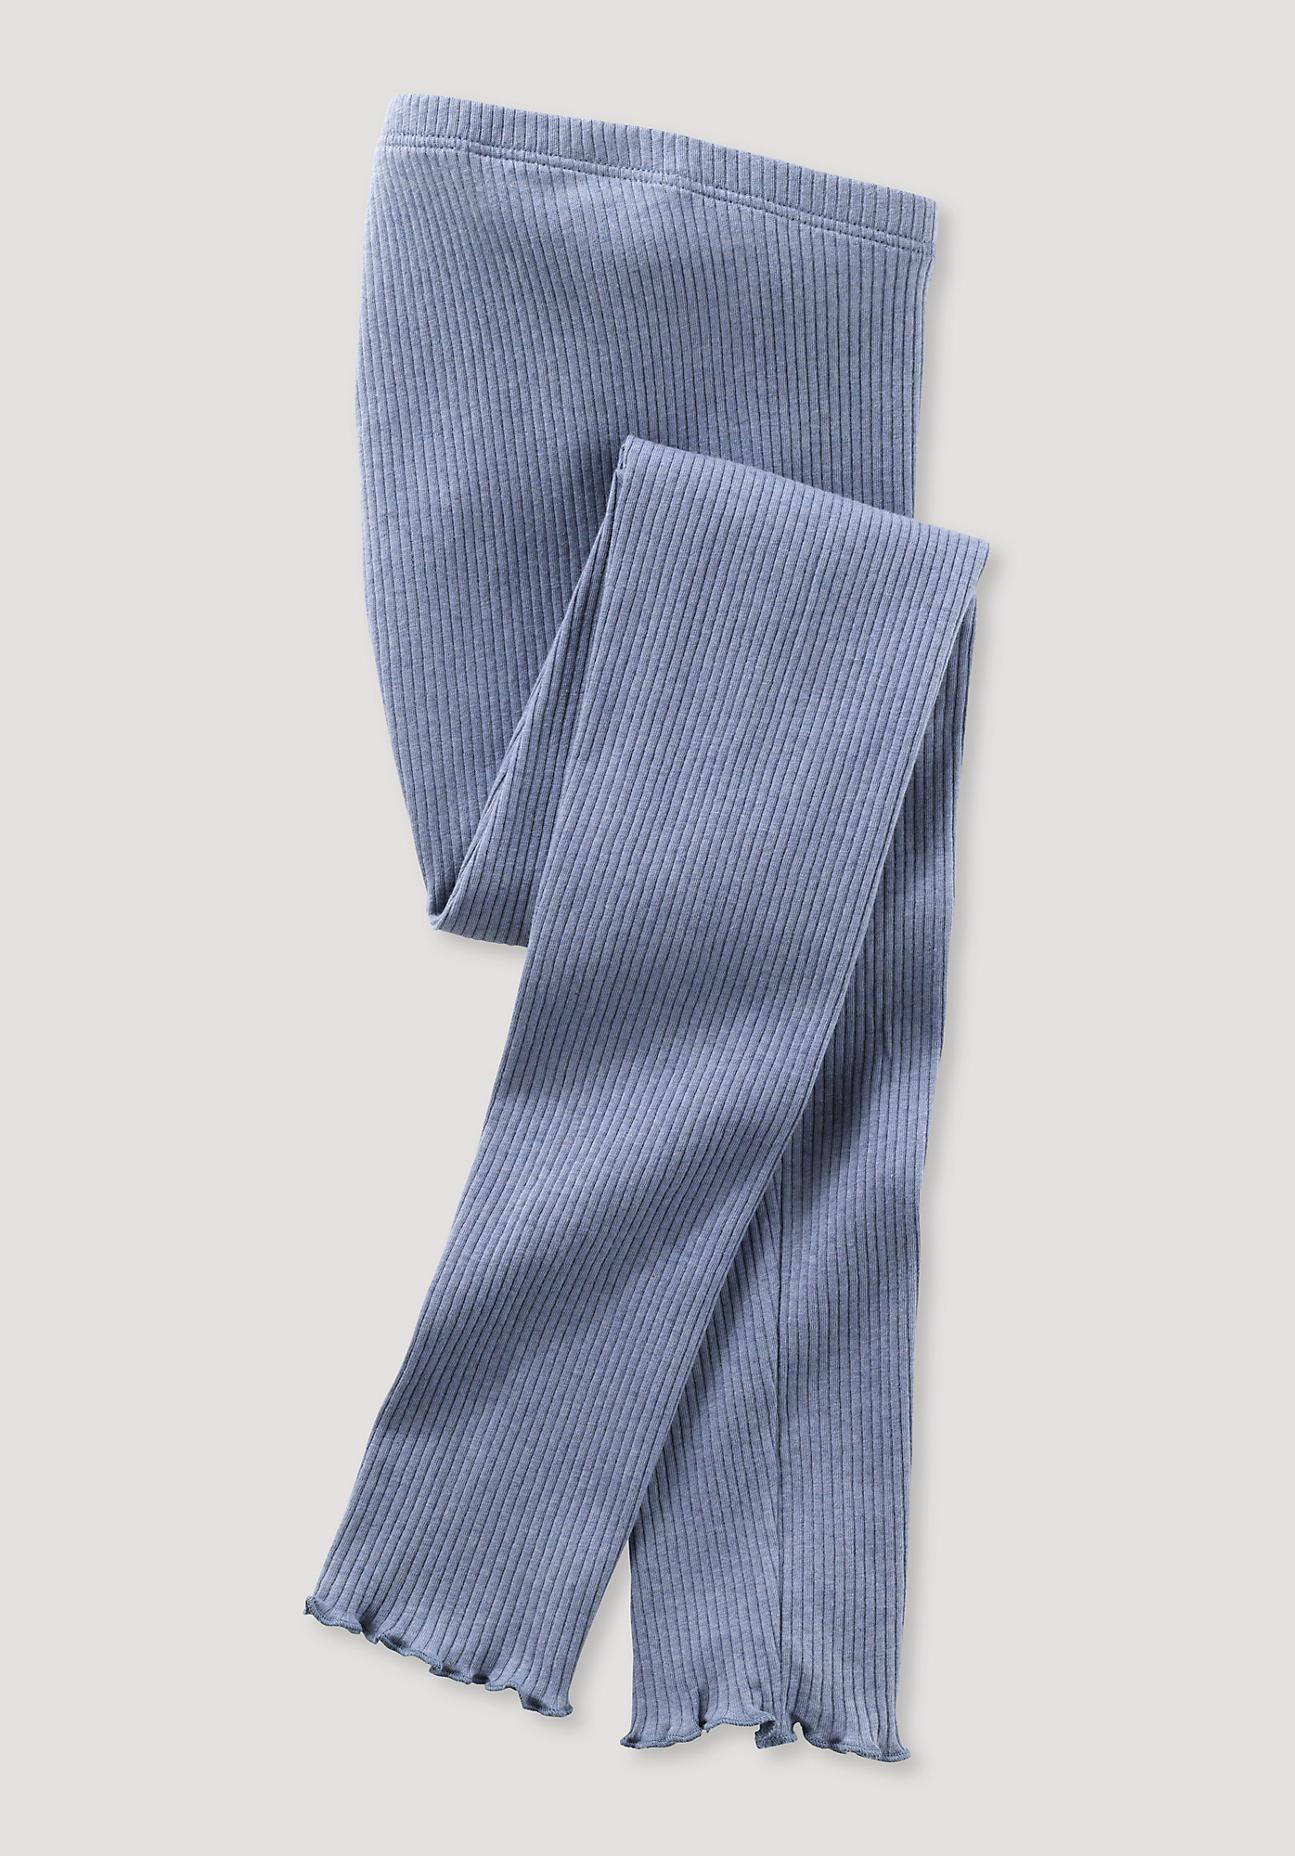 hessnatur Kinder Leggings aus Bio-Baumwolle mit Bio-Schurwolle - blau Größe 98/104